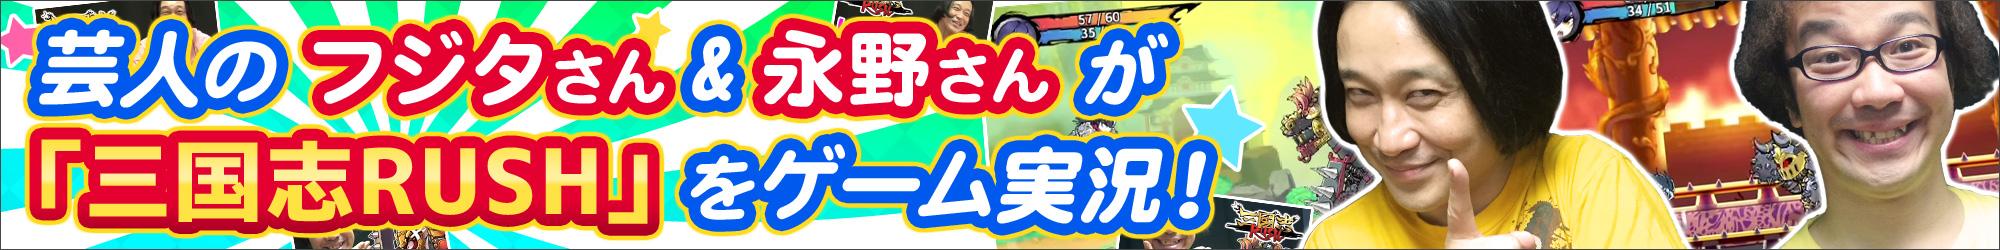 【実況プレイ】人気芸人の永野さん、フジタさんの実況動画アップのお知らせ